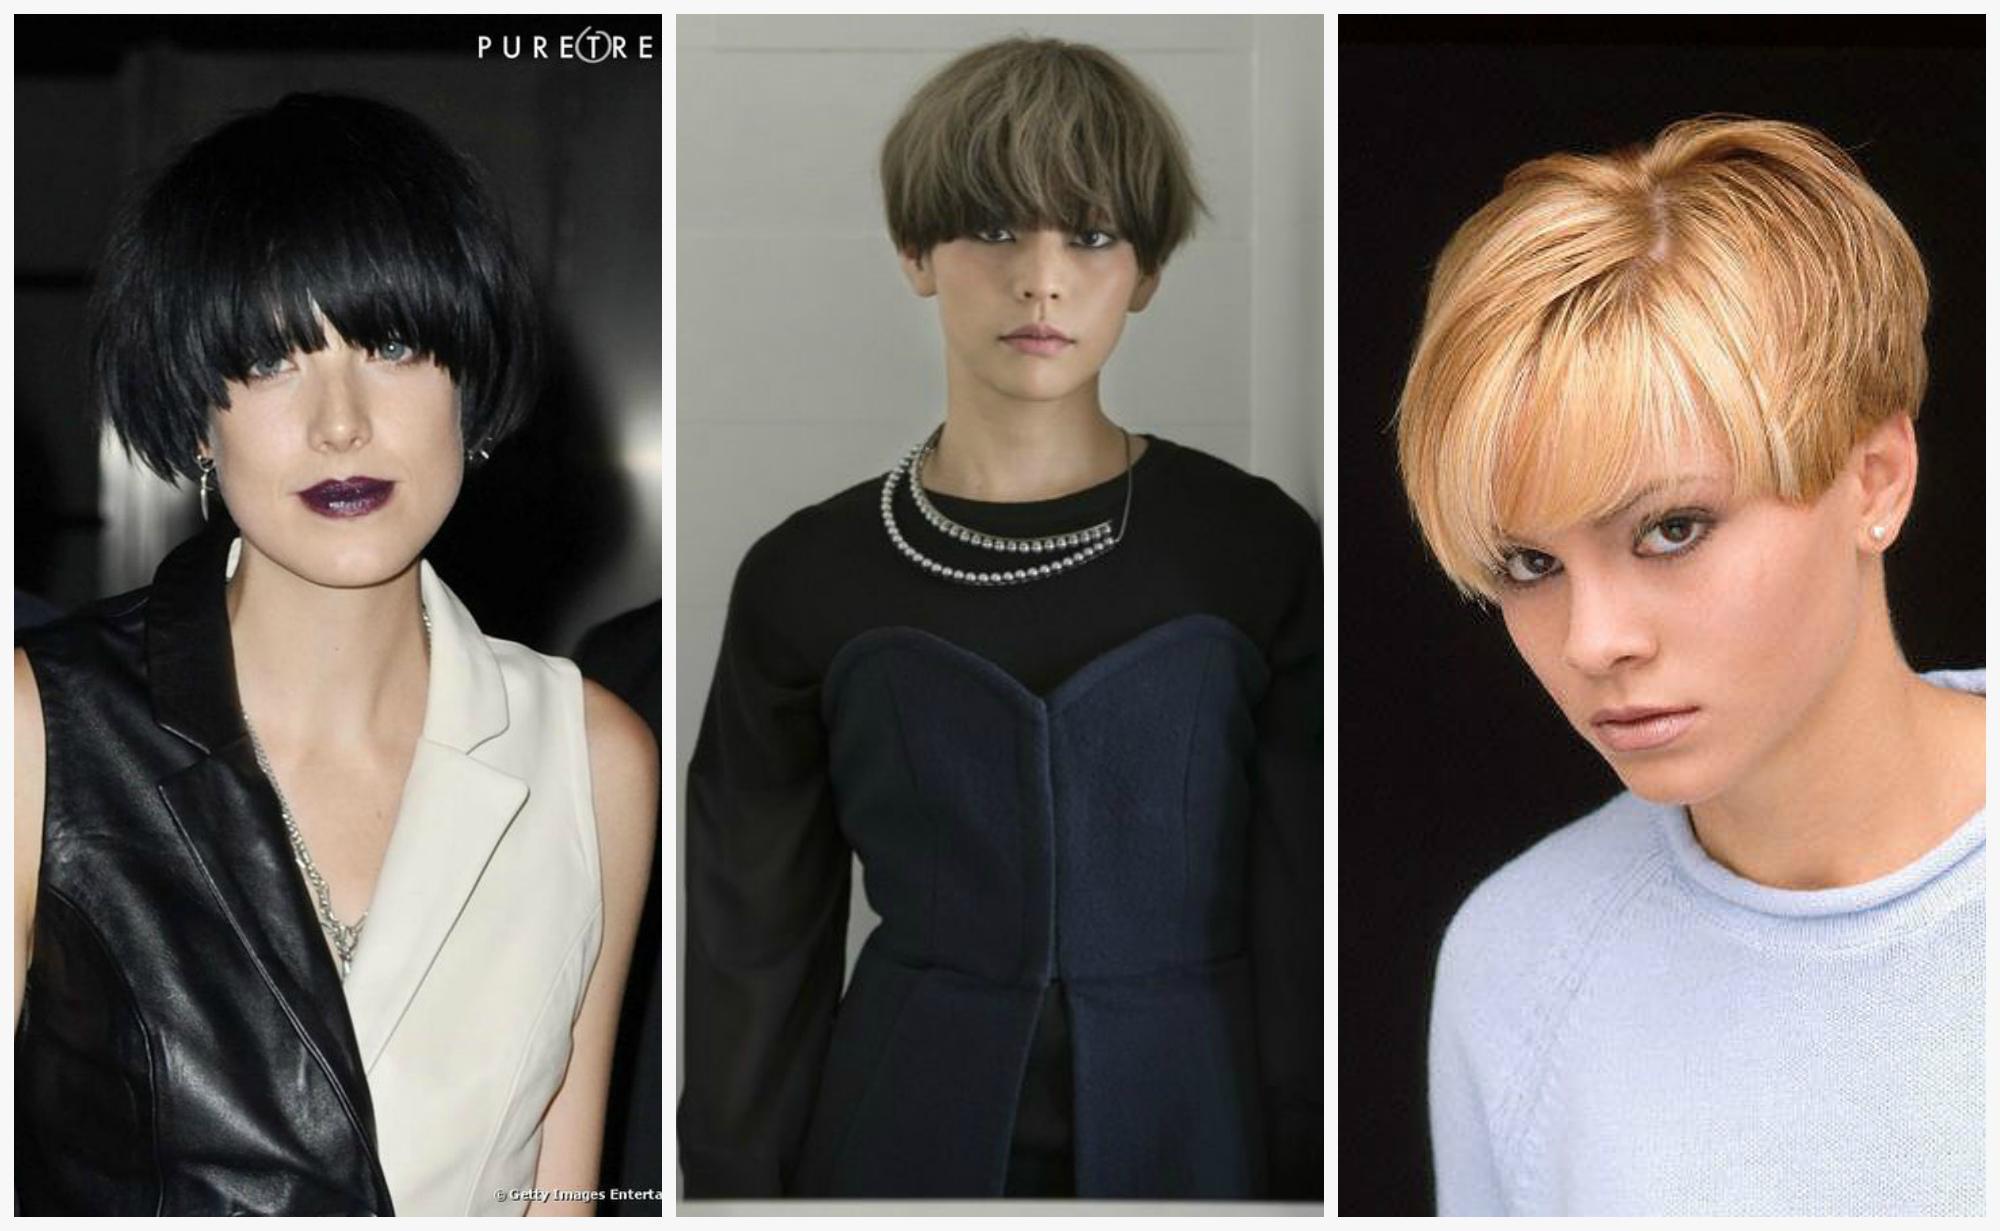 image88-1 | Модные женские стрижки на короткие волосы: основные правила и варианты исполнения